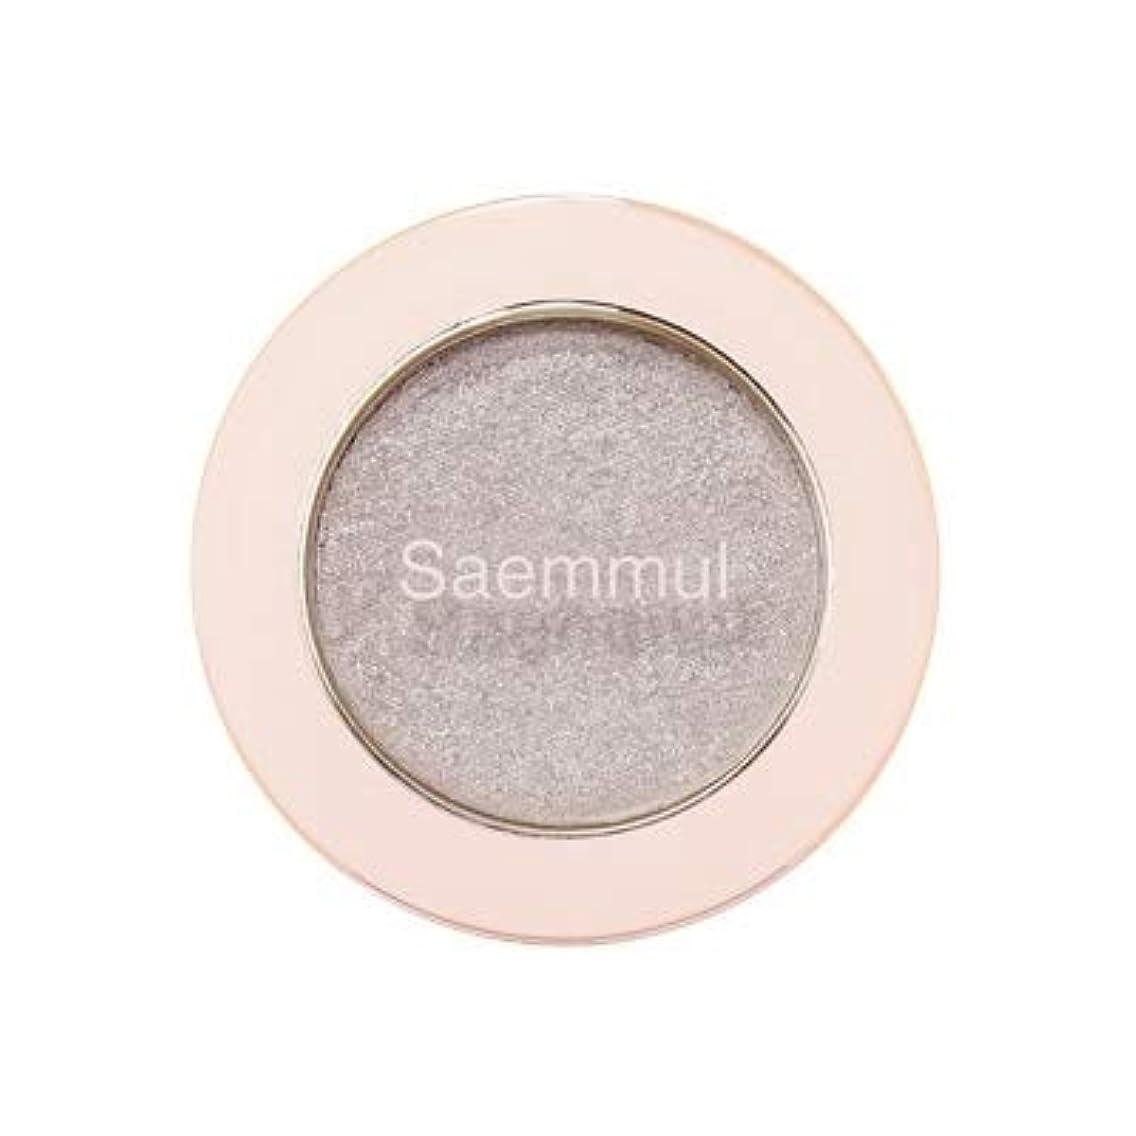 オープナー生き残り目的theSAEM ザセム セムムル シングル シャドウ グリッター 7類 Saemmul Single Shadow GLITTER アイシャドウ 韓国コスメ (WH02)